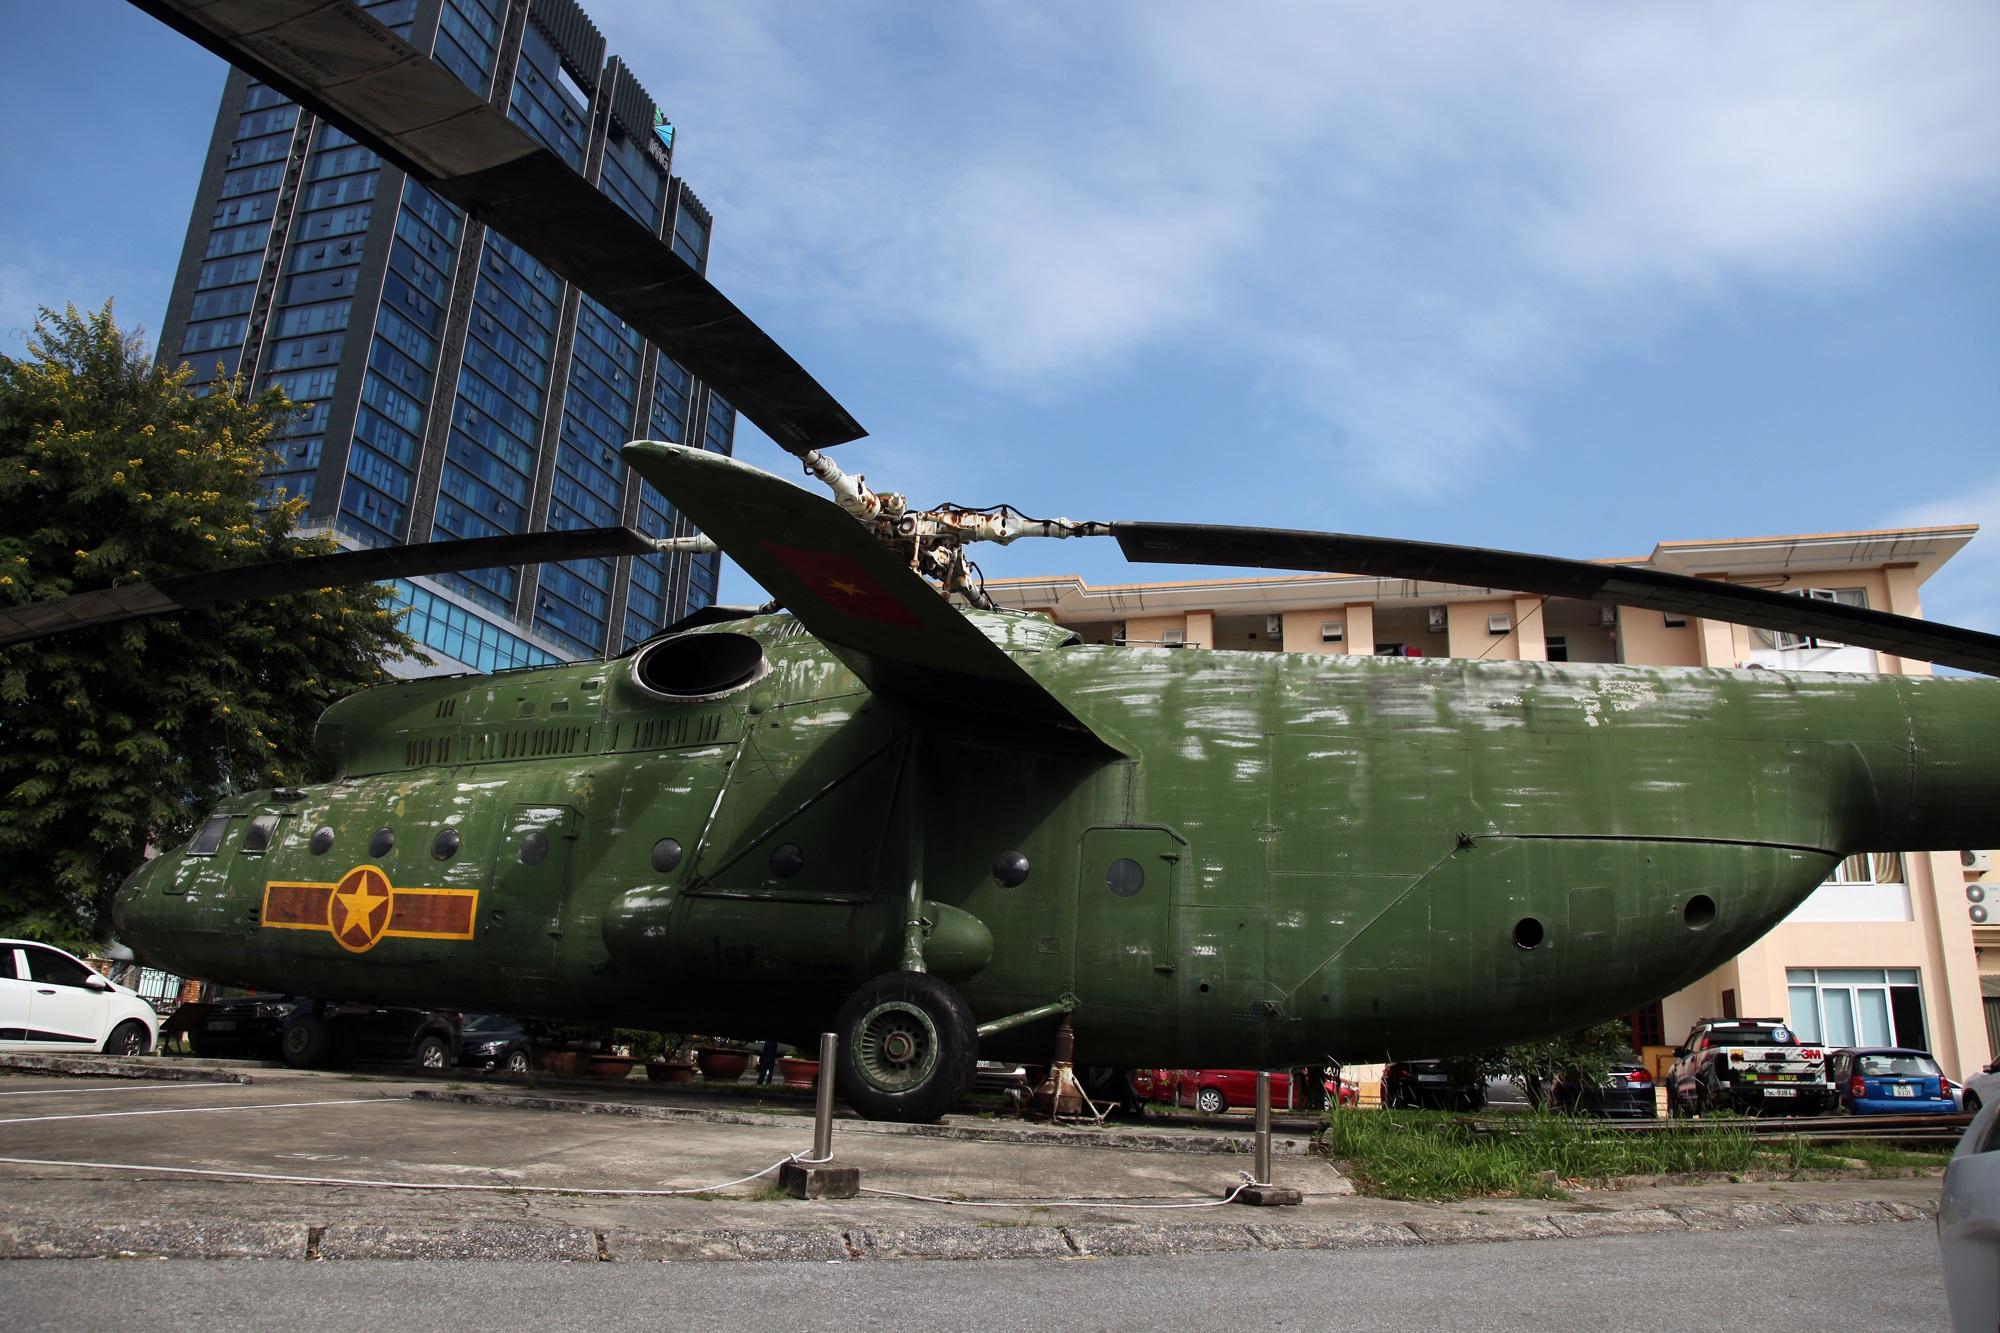 Cận cảnh trực thăng khổng lồ huyền thoại của Không quân Việt Nam - 5